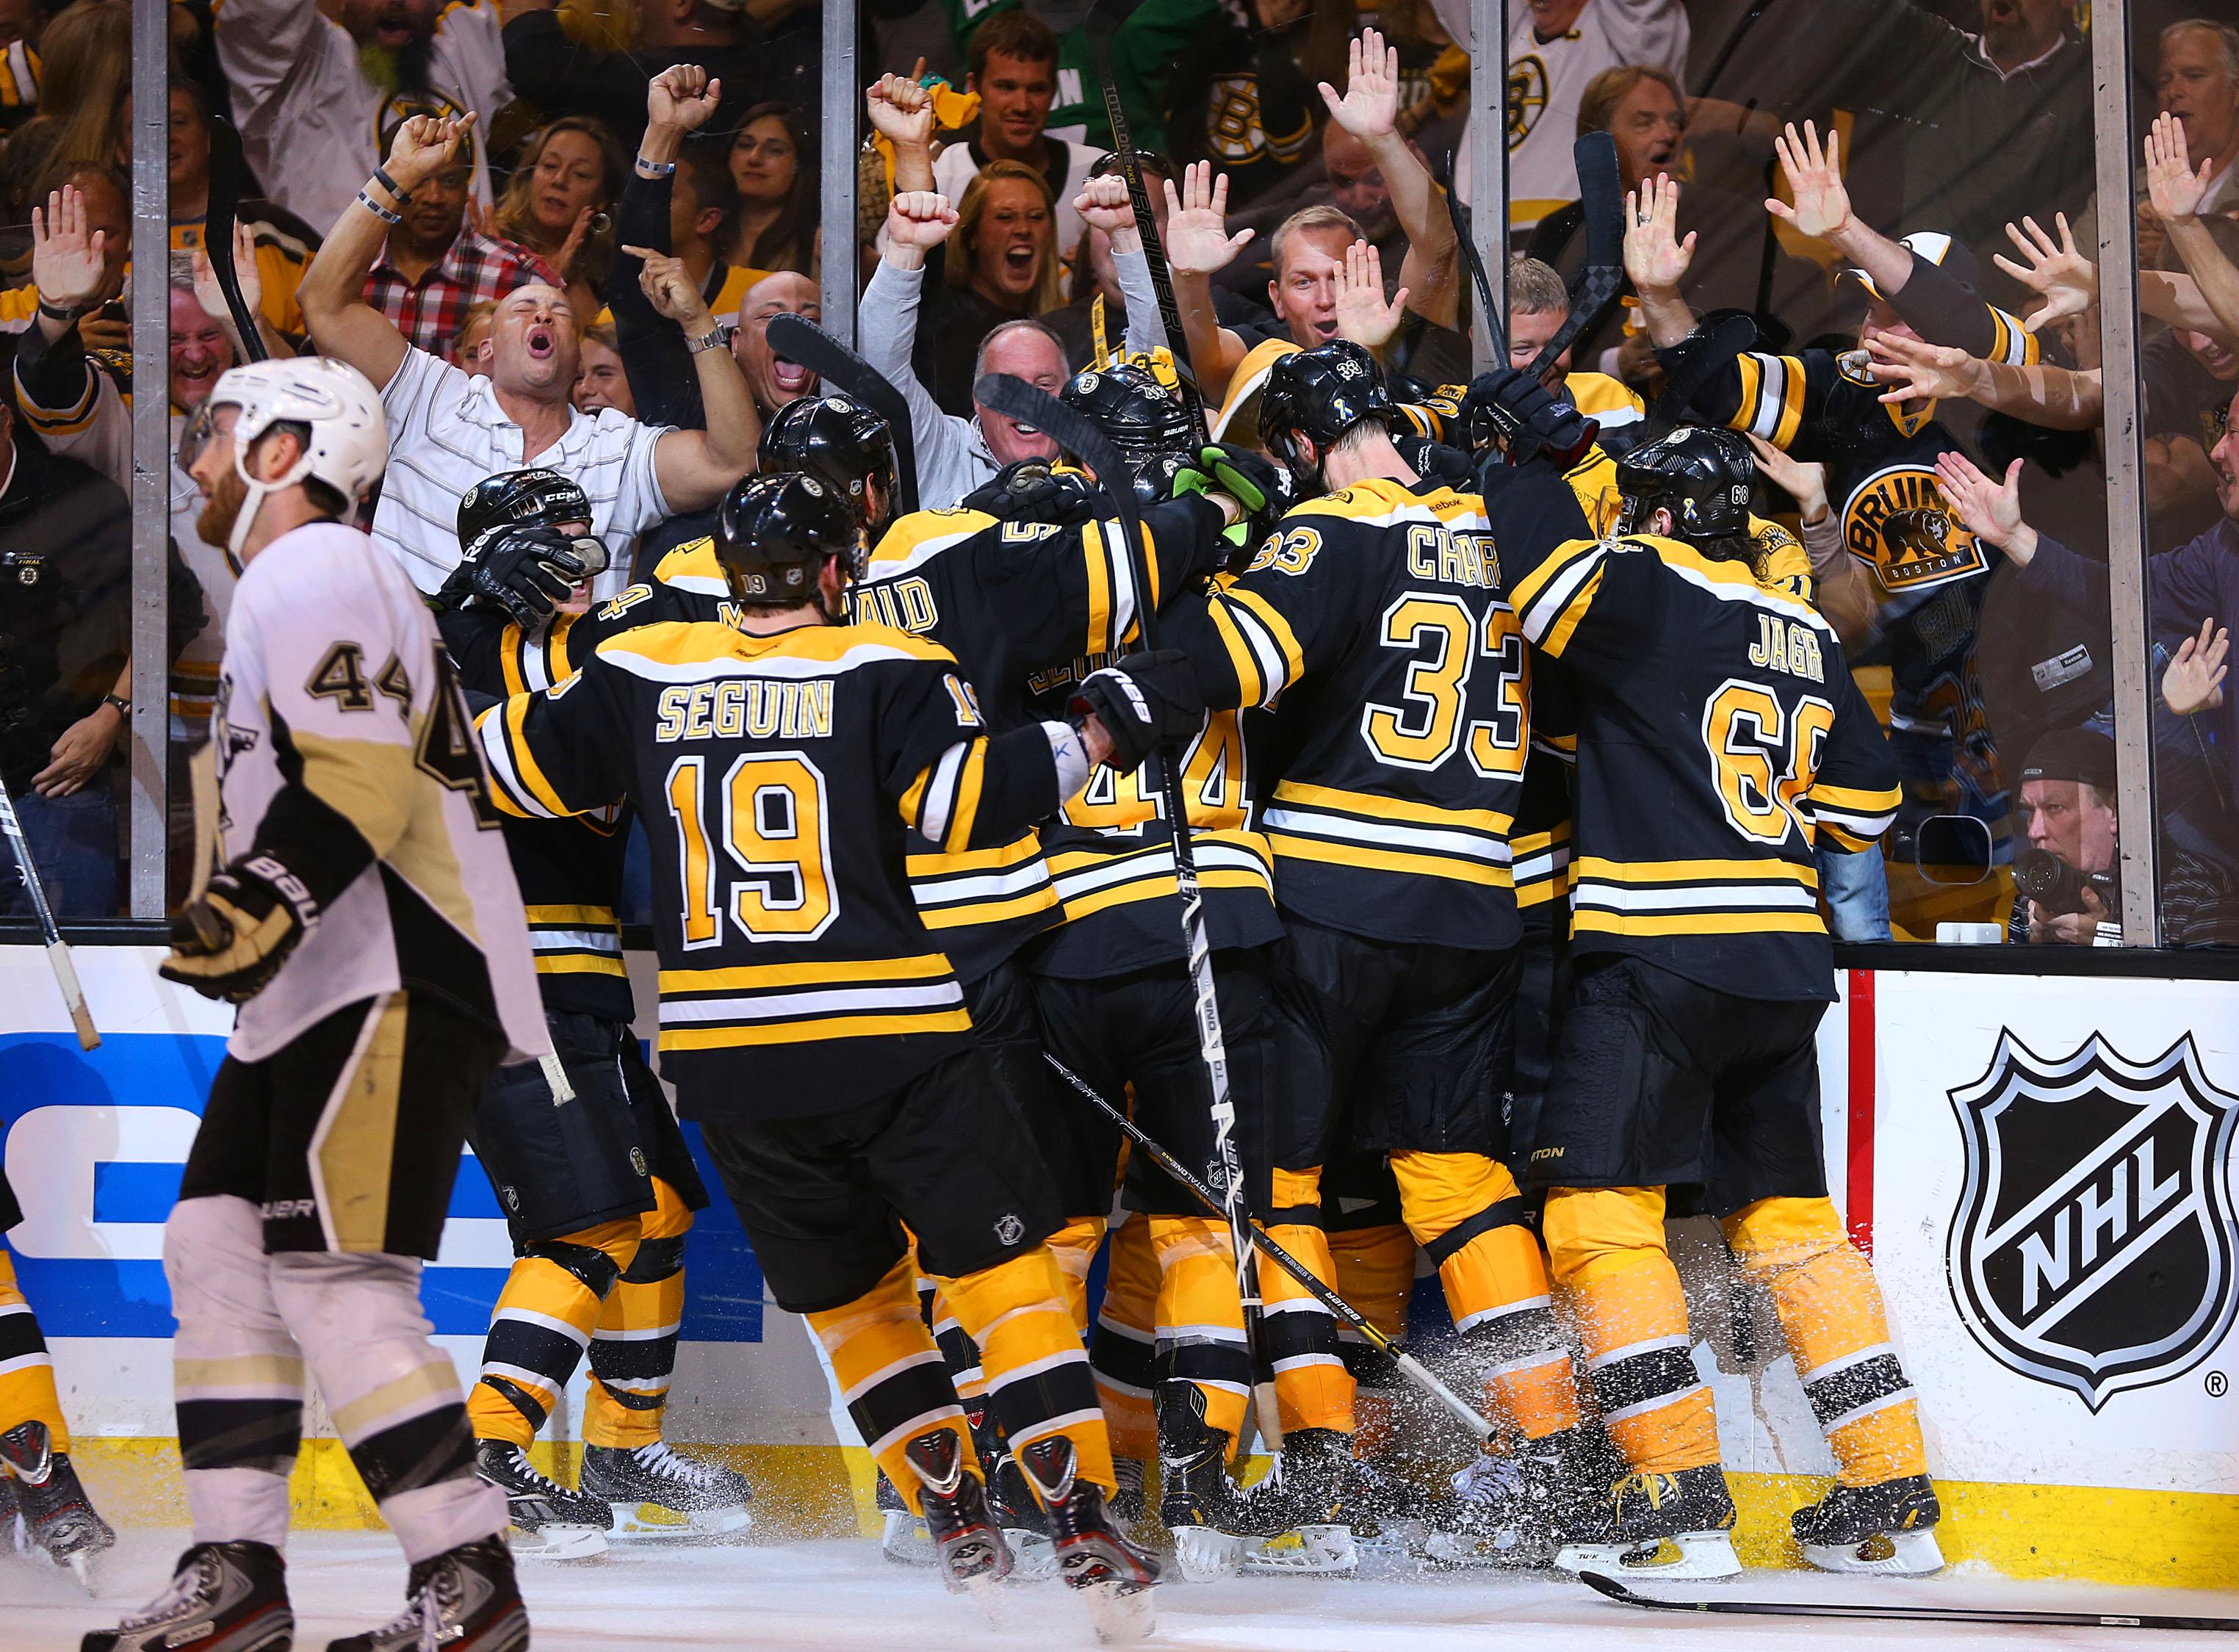 Odds stacked in Bruins' favor - bruins blog - Boston Globe ...Bruins Hockey